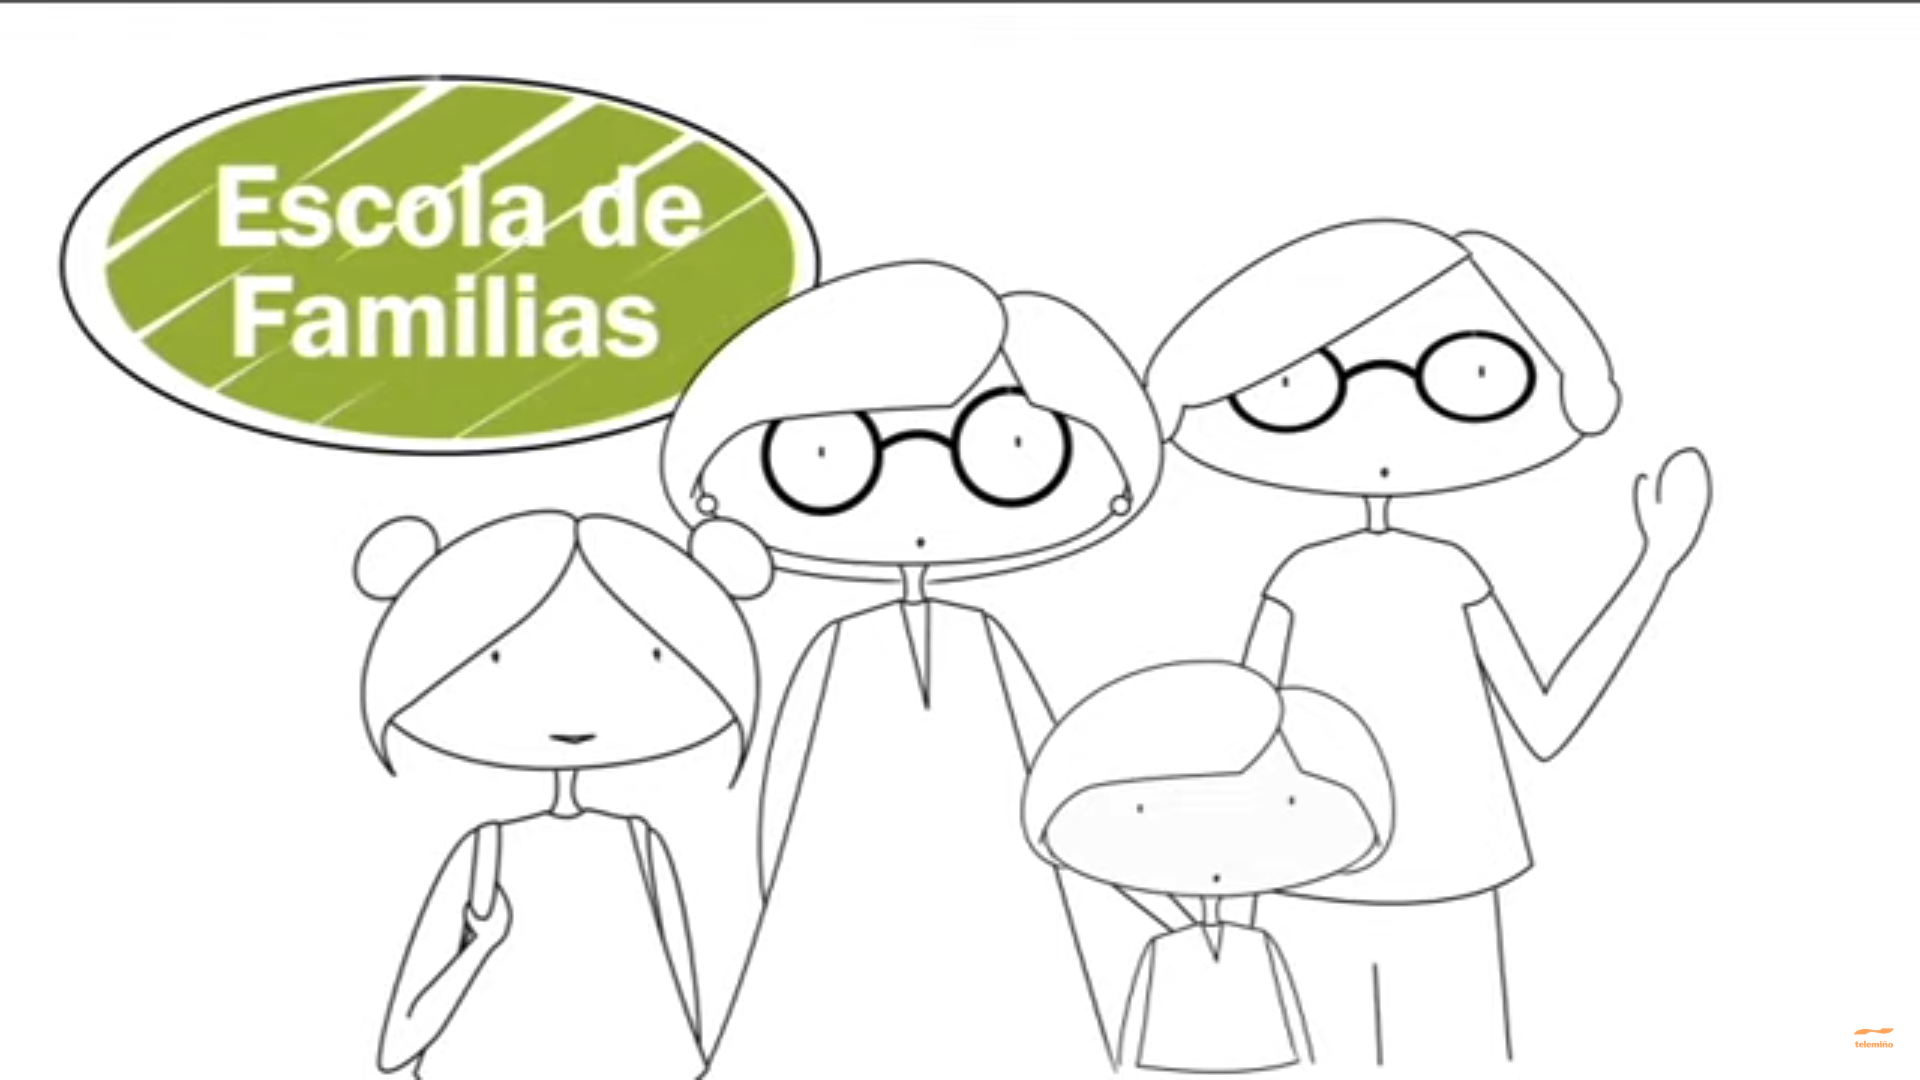 'Escola de familias': La Unidad de Urgencias Pediátricas de Cosaga ofrece información sobre la enfermedad del pie, mano y boca